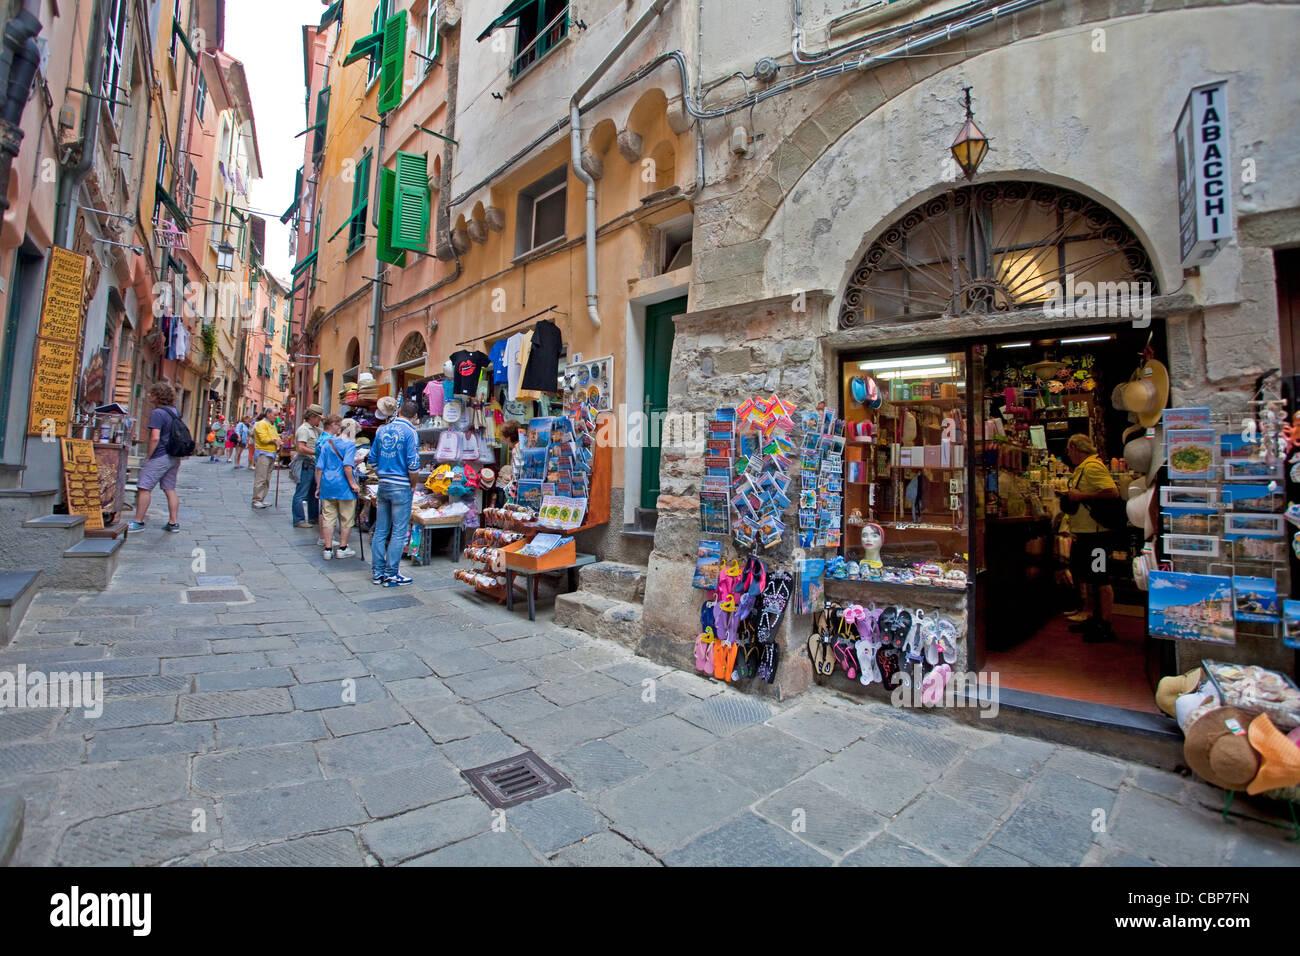 Shops and restaurants at narrow alley of fishing village Porto Venere, province La Spezia, Liguria di Levante, Italy, - Stock Image